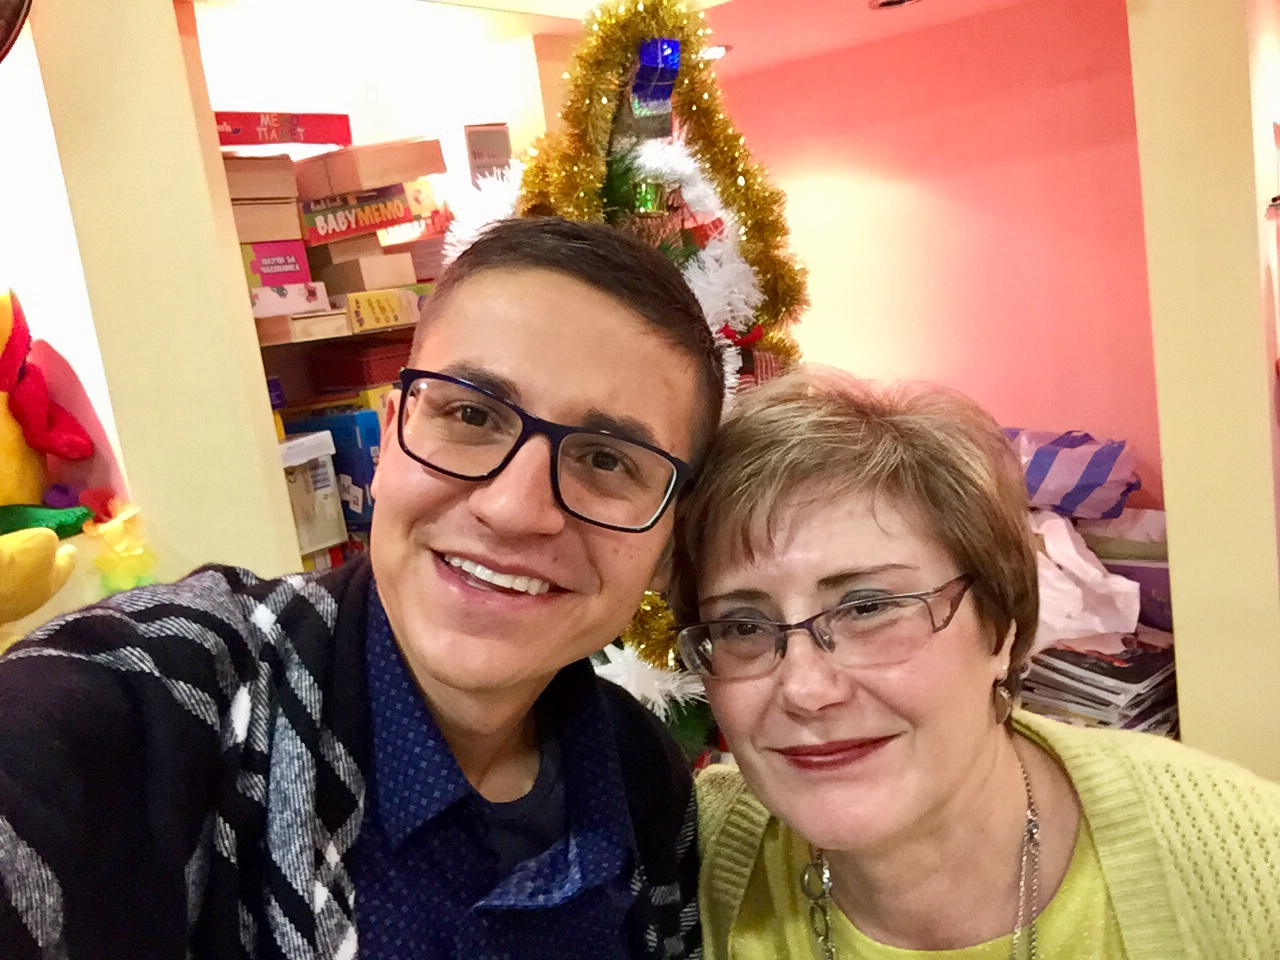 ГАЛИНКА ЧАВДАРОВА и МИМО ГАРСИЯ пред елхата в уютния кабинет на ДА ГОВОРИМ ЗАЕДНО – Мимо Гарсия се усмихва, а Галинка Чавдарова с нетърпение очаква празничните дни.